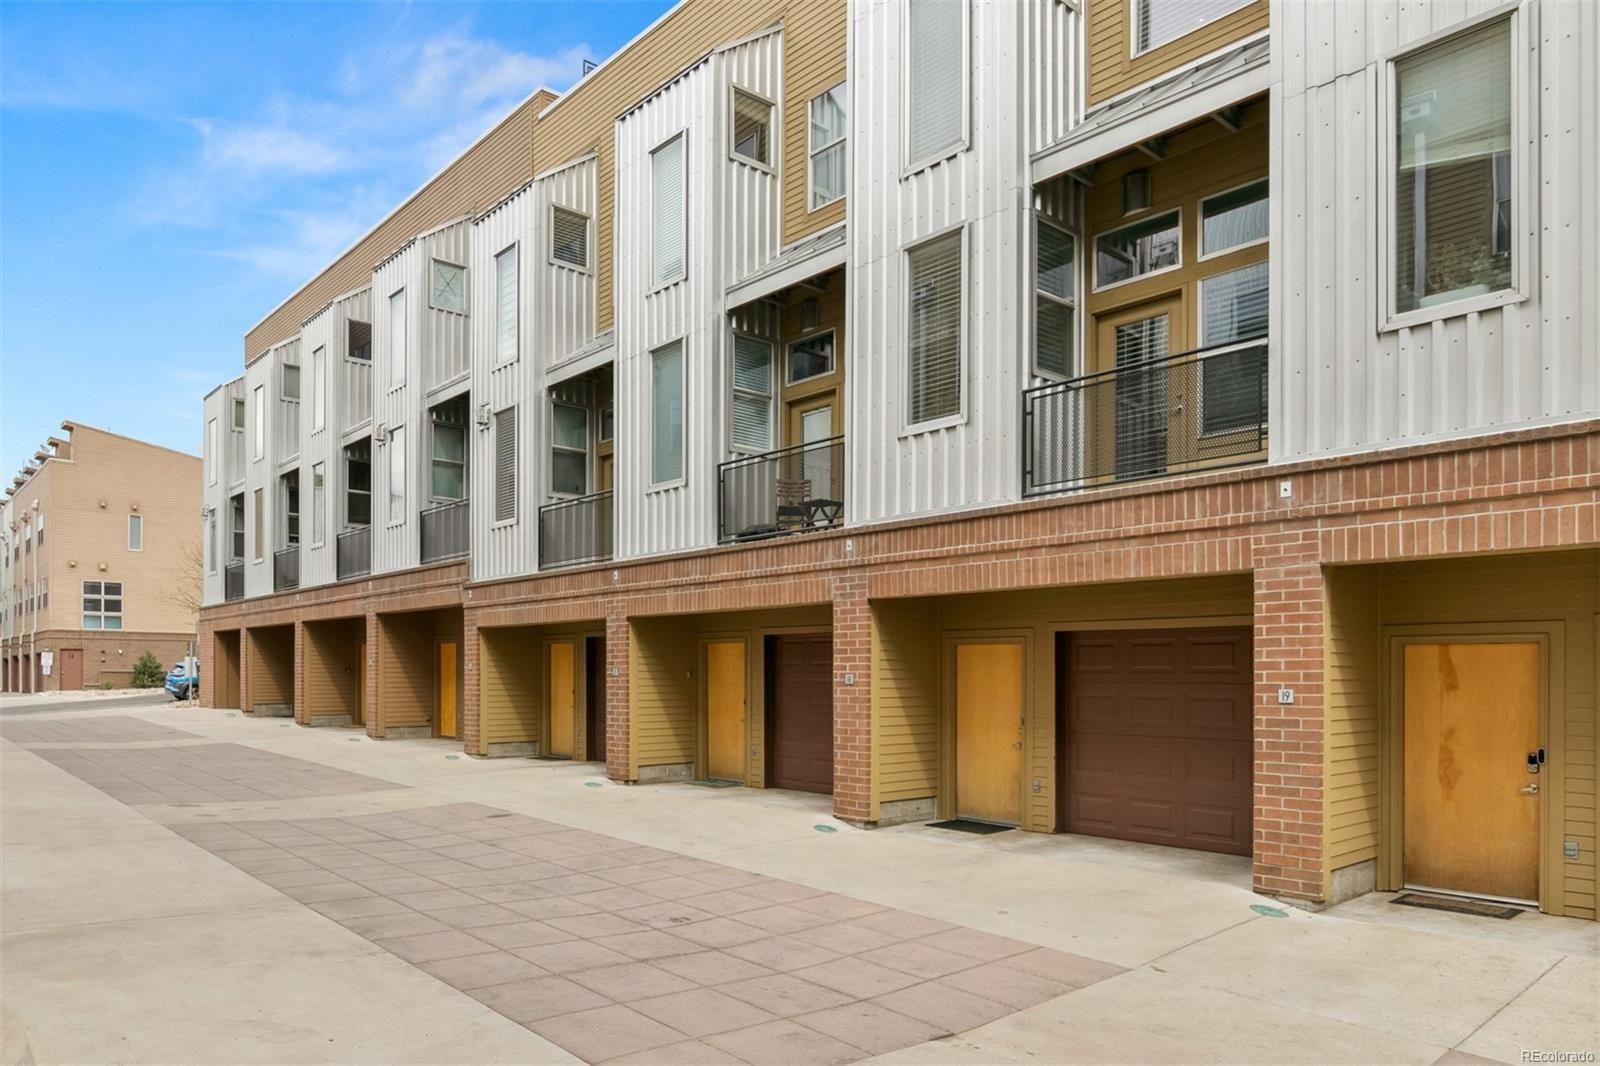 MLS# 2004221 - 3 - 2680 Blake Street #18, Denver, CO 80205